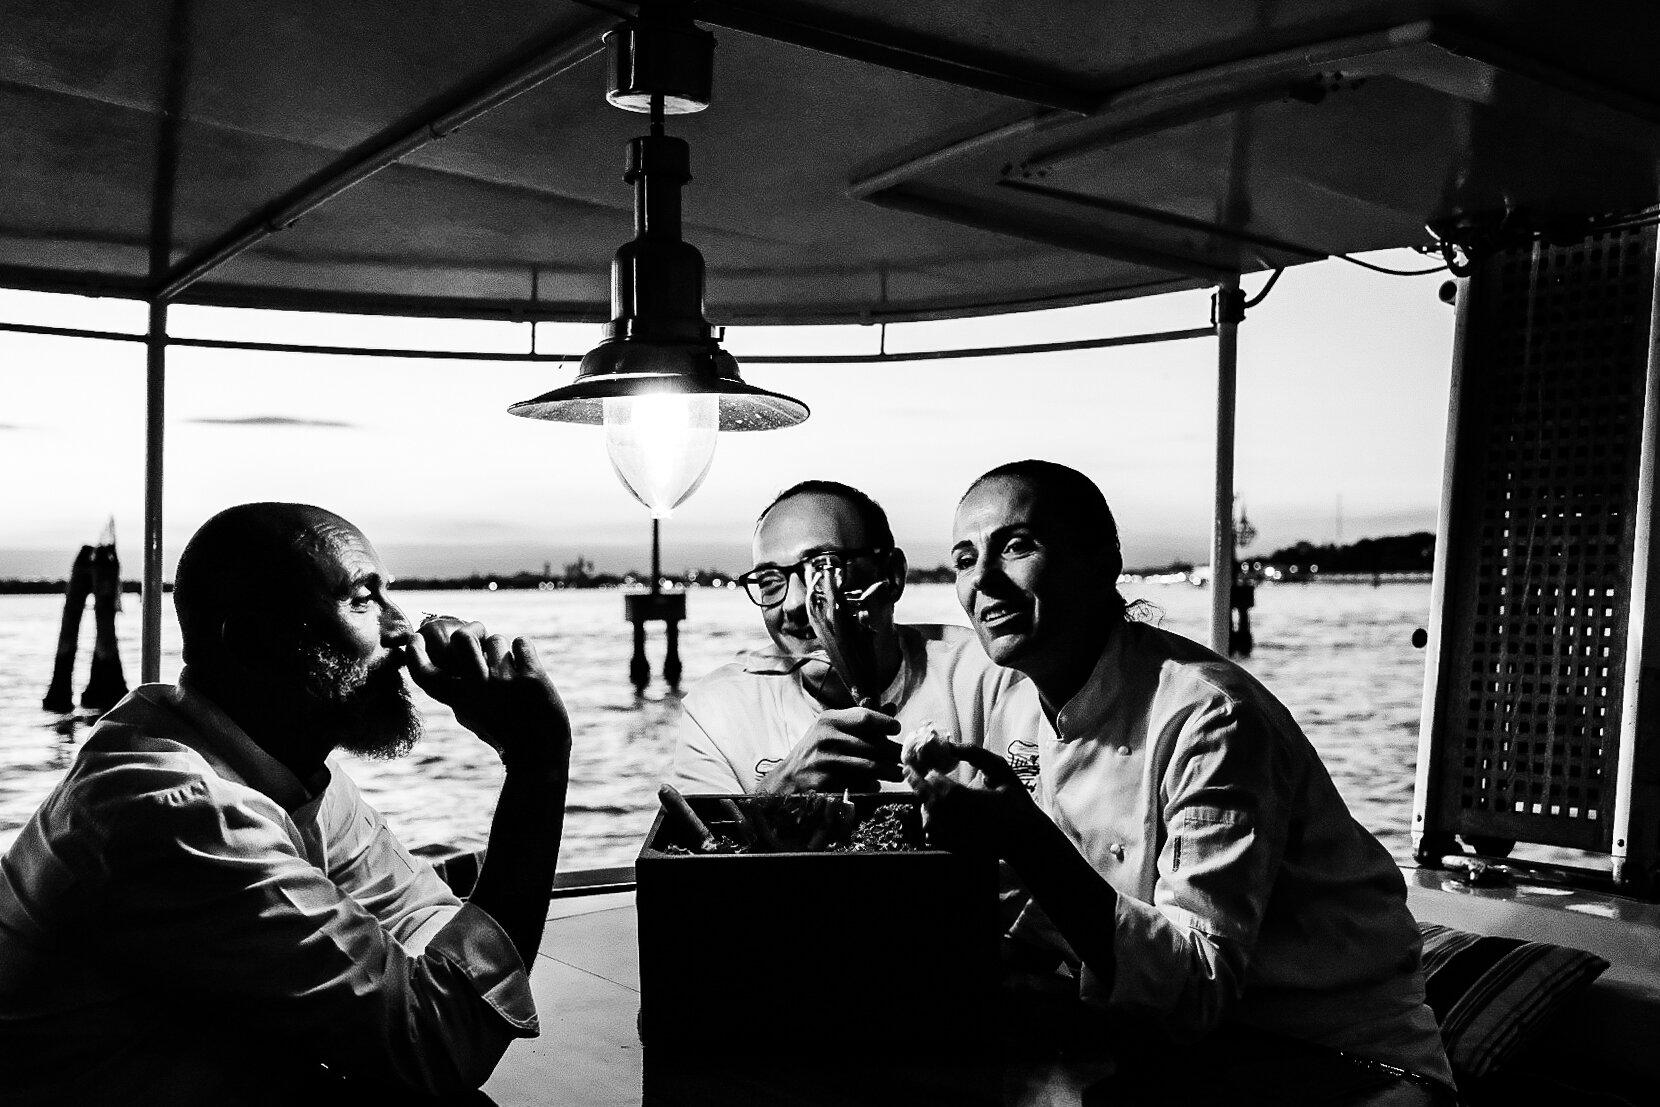 Isola Edipo, Venice Film Festival 2019